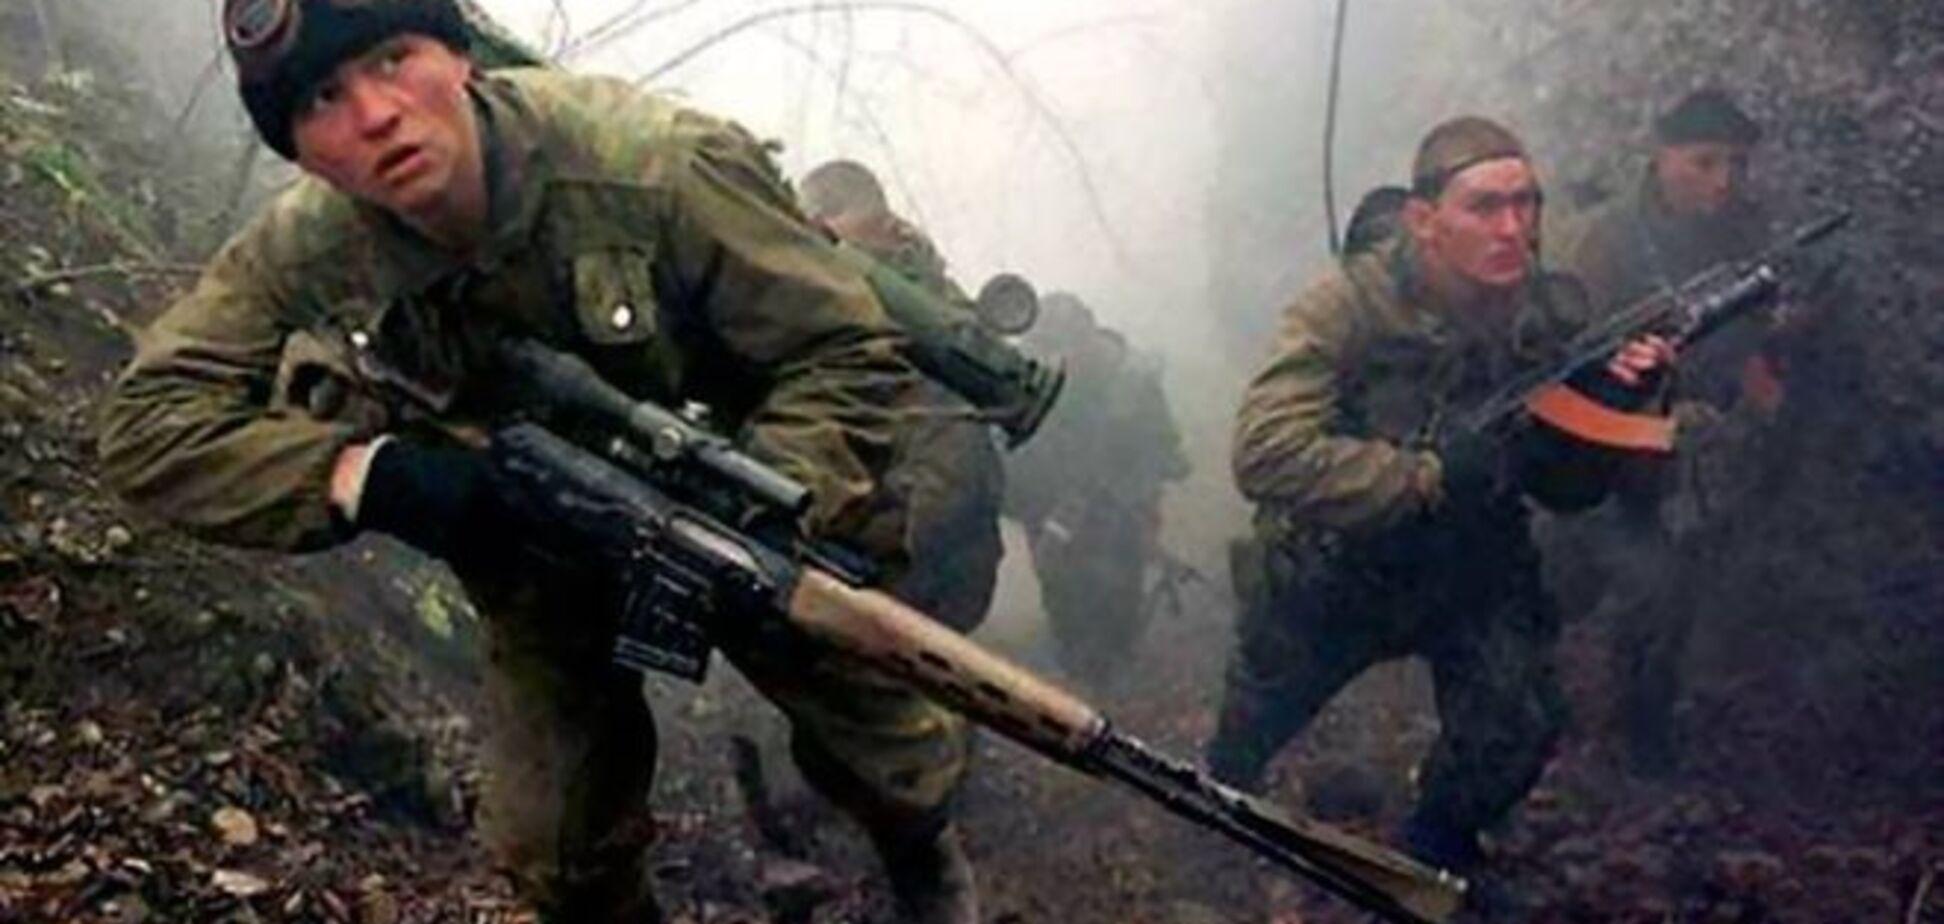 Кремль зачищает в соцсетях данные об убитых в Украине российских солдатах